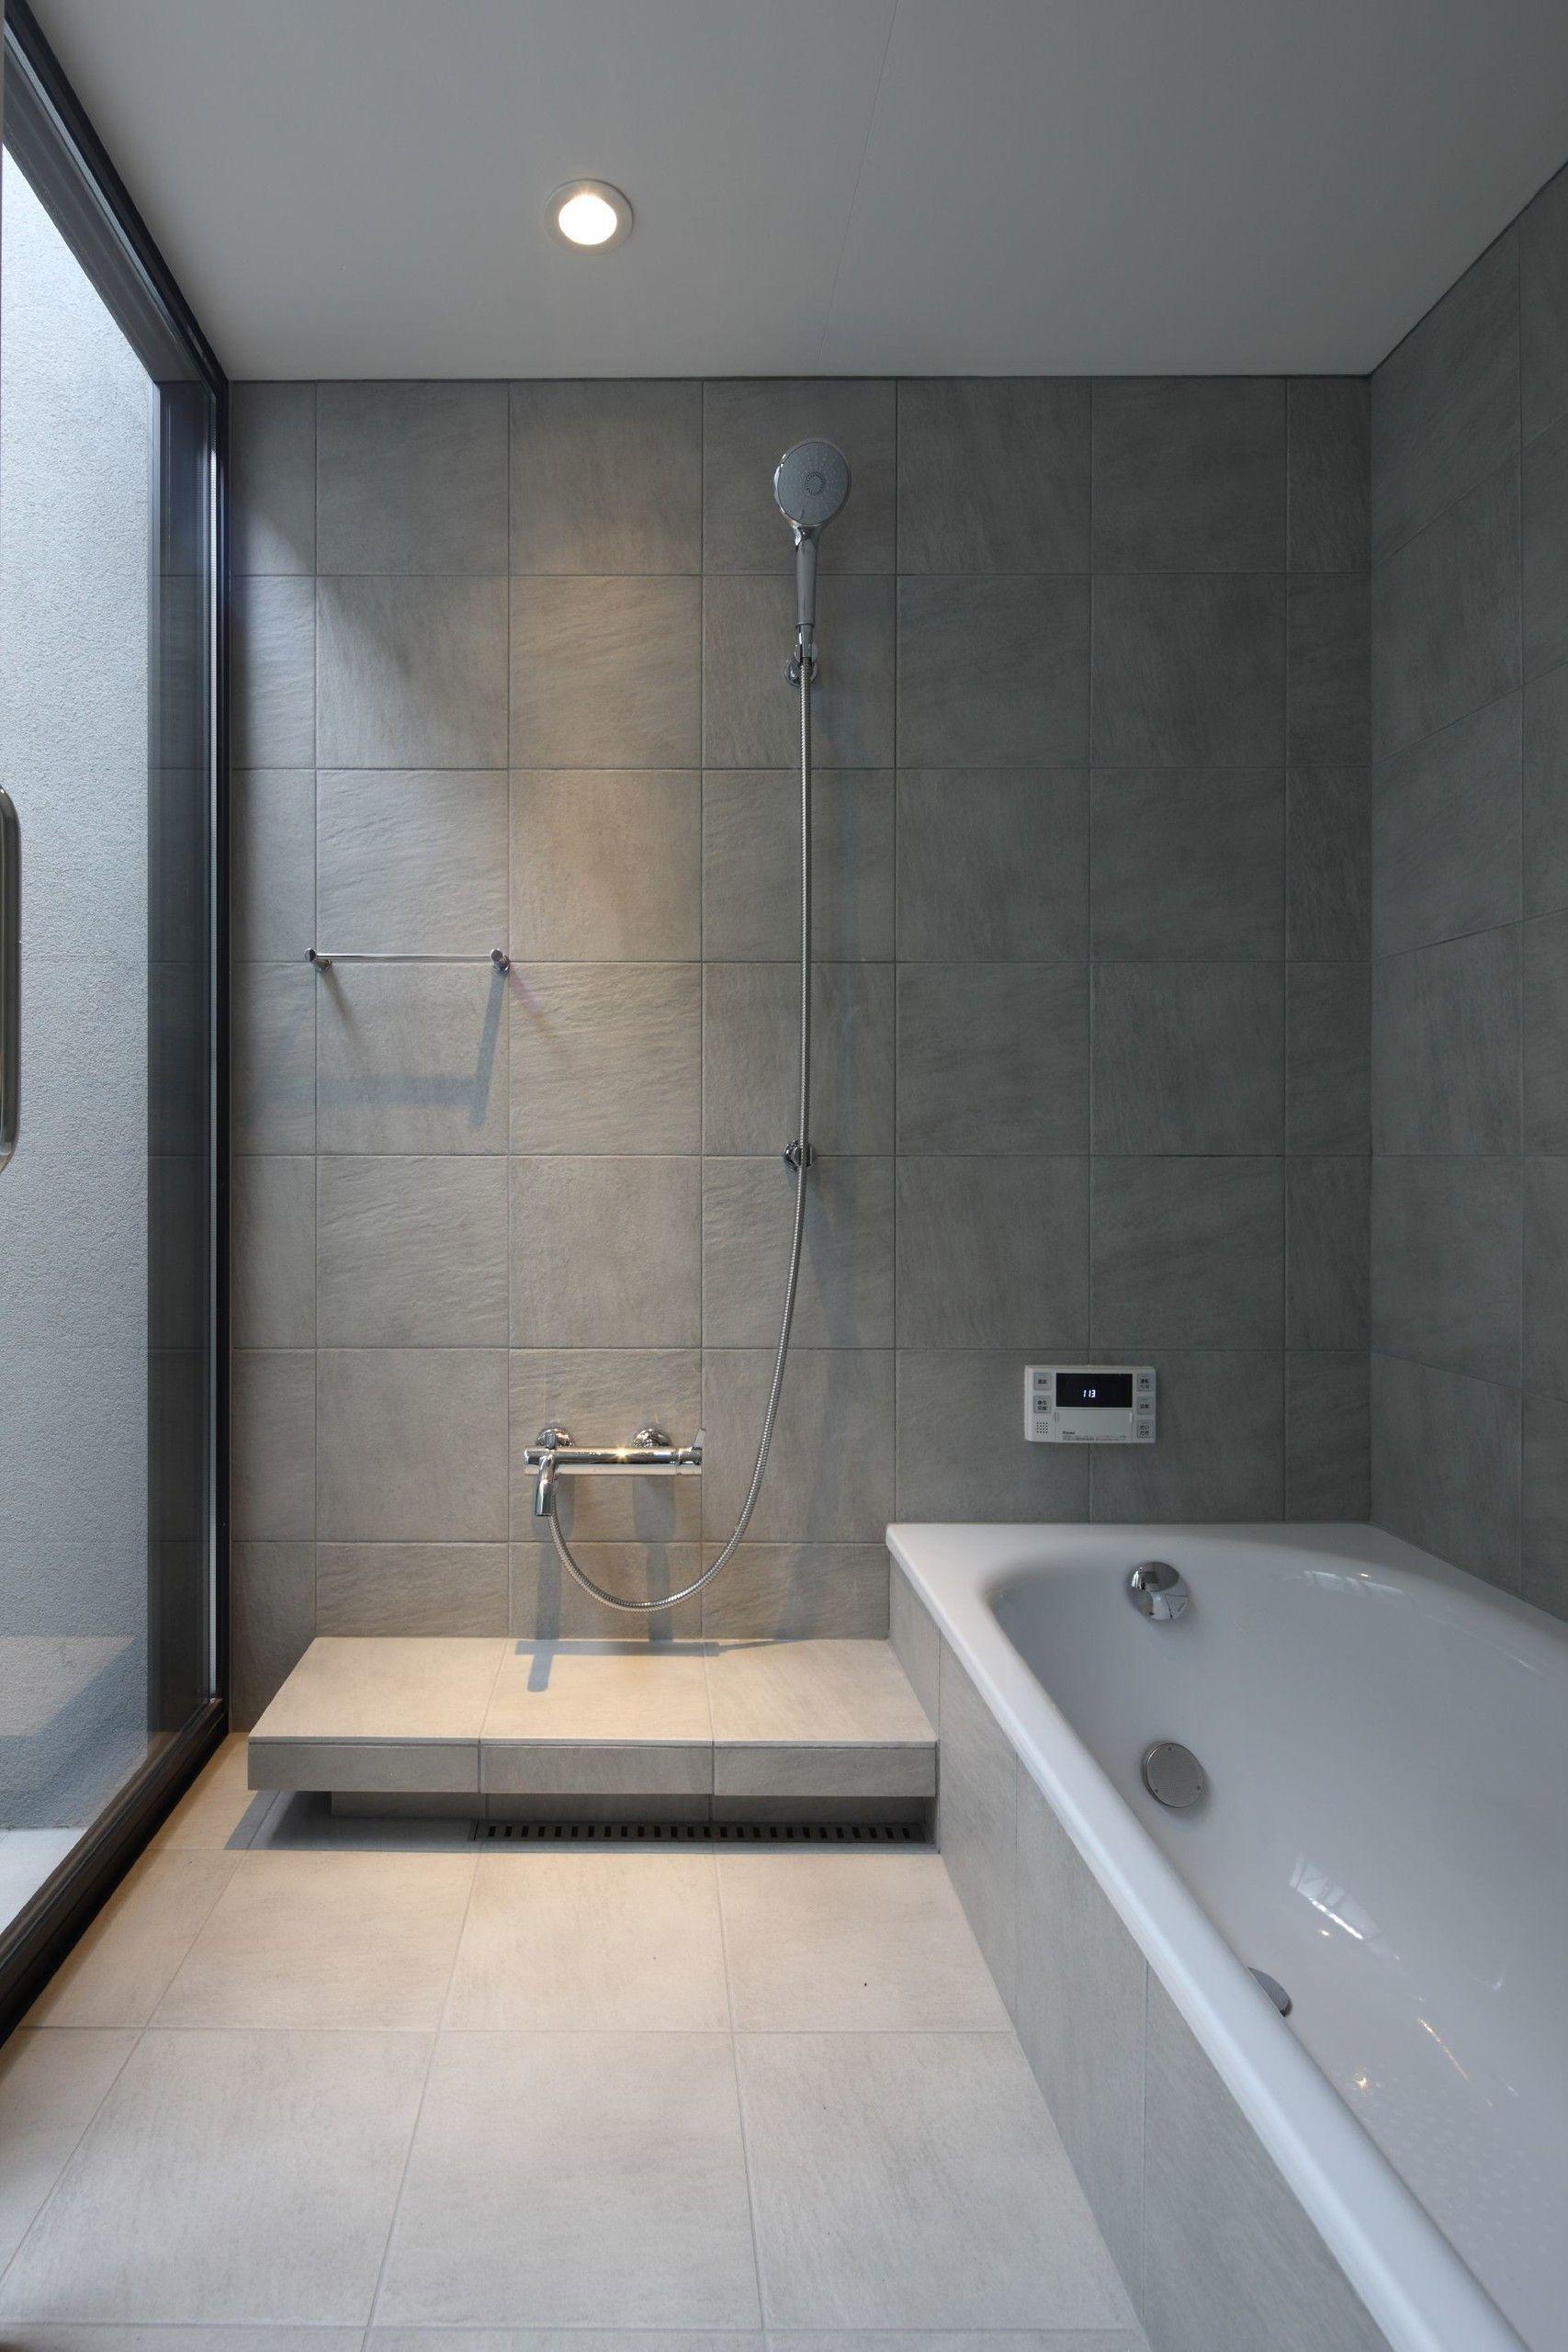 可児の家 浴室 デザイン 浴室リフォーム バスルーム インテリア